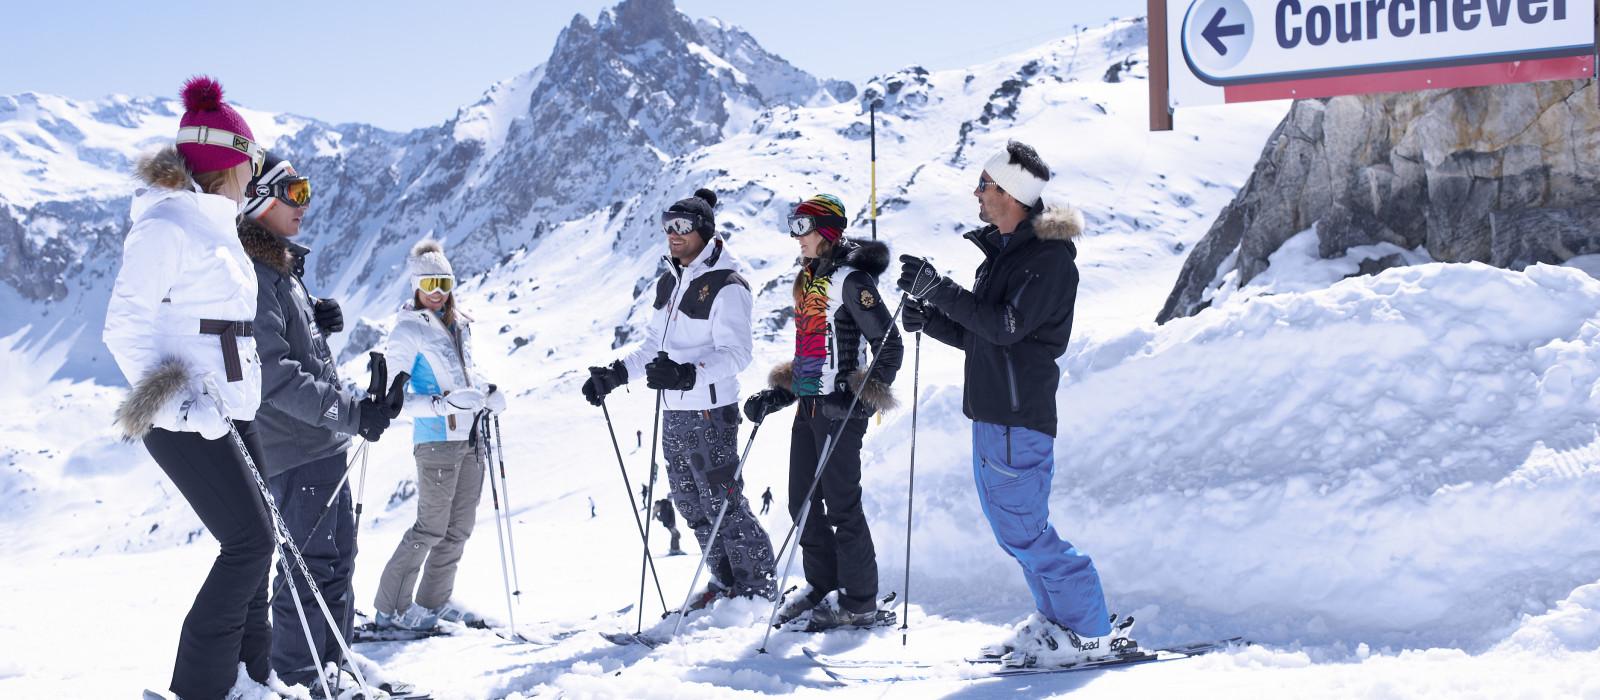 À Courchevel il y a le ski, mais pas que !